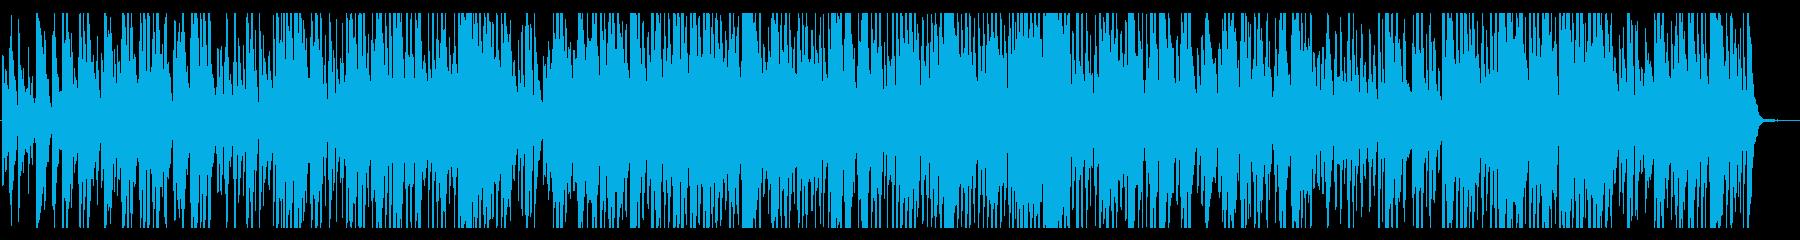 jazz ほのぼの 優雅 ティータイム の再生済みの波形